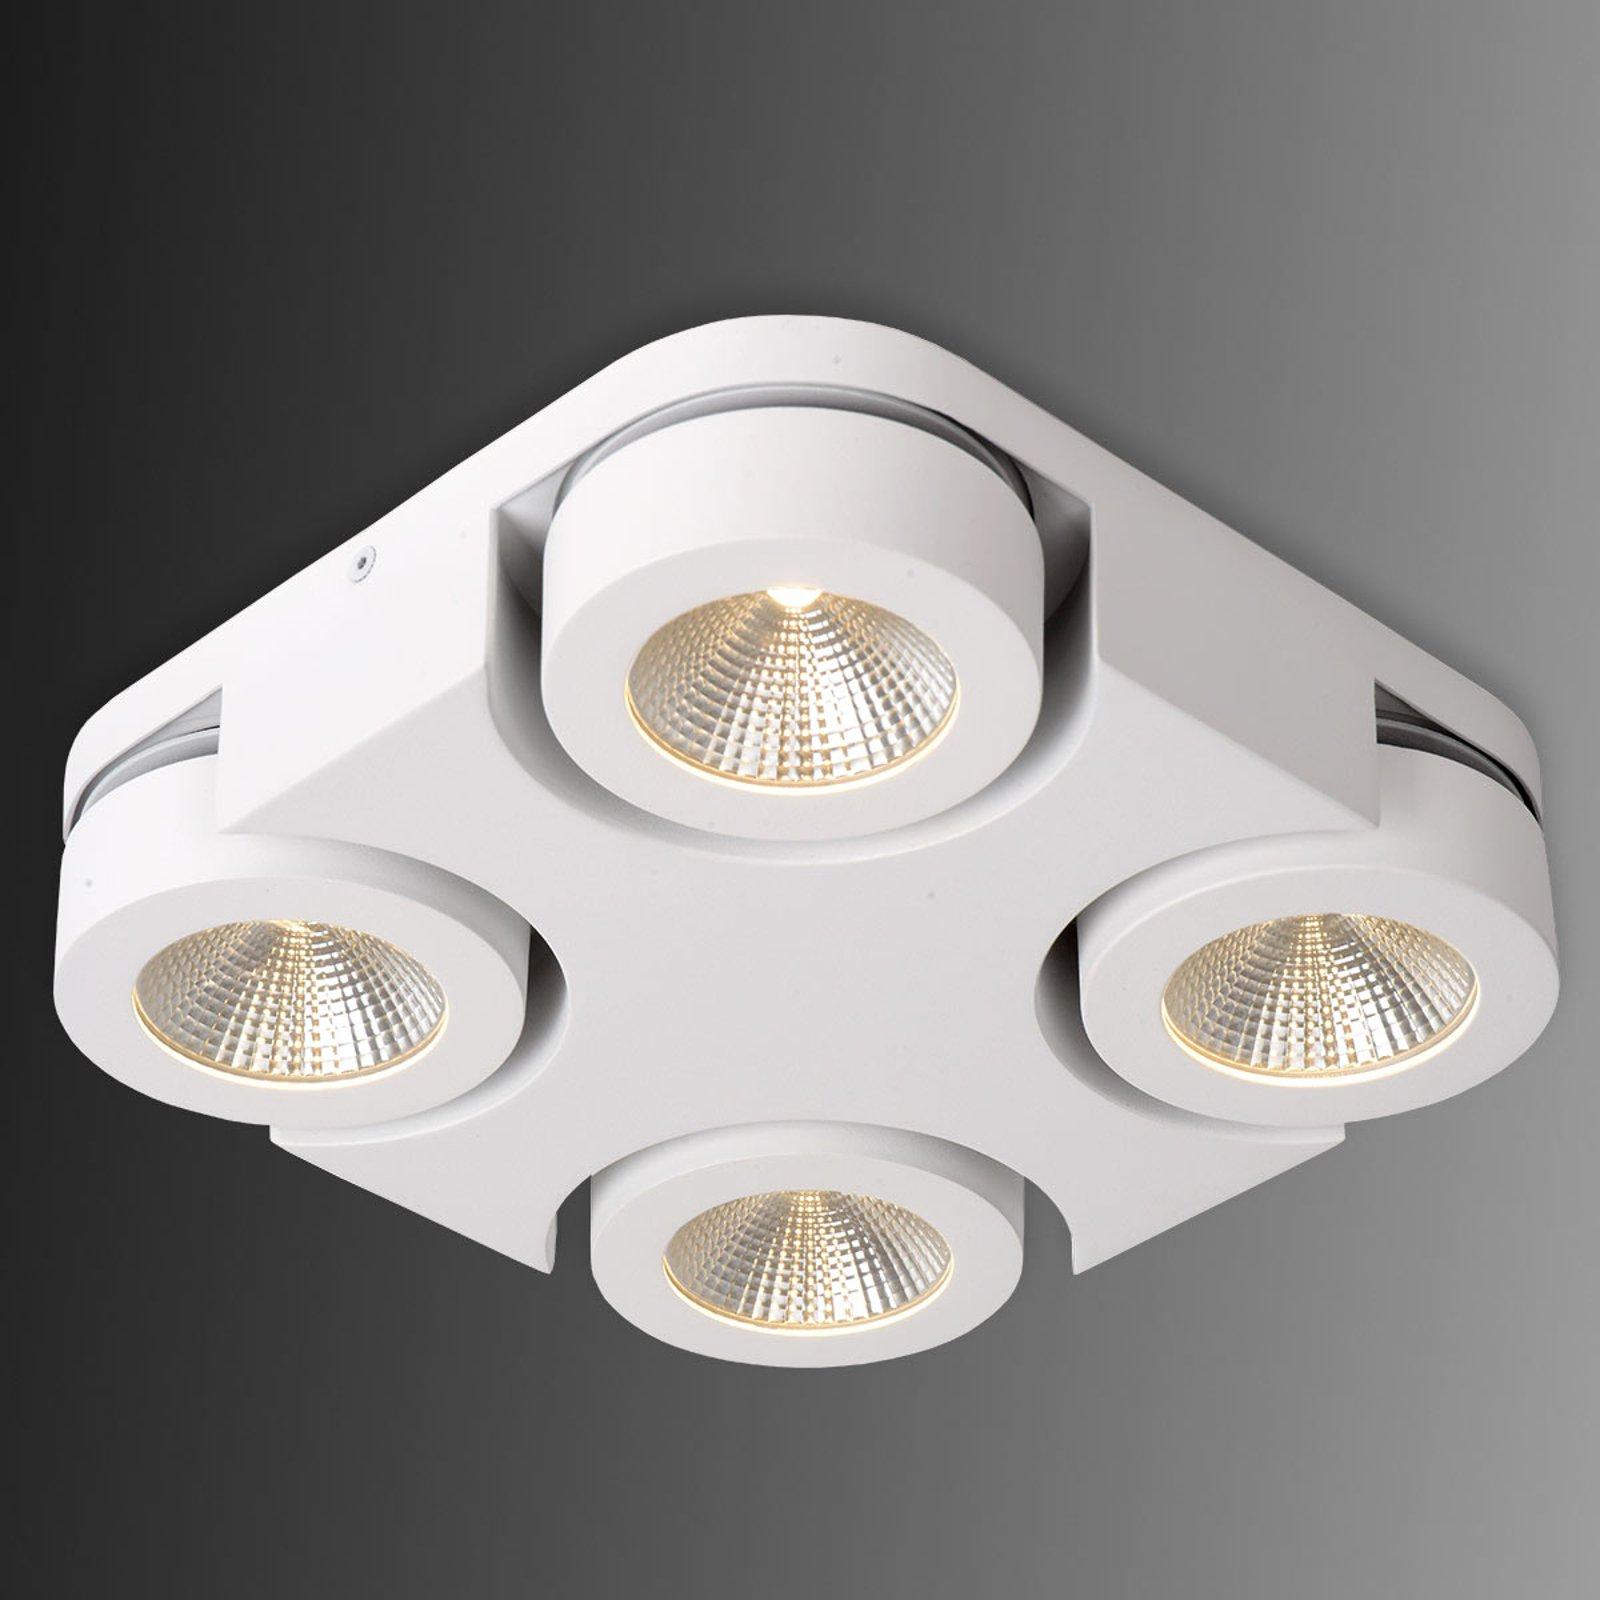 Kvadratisk LED-taklammpe Mitrax